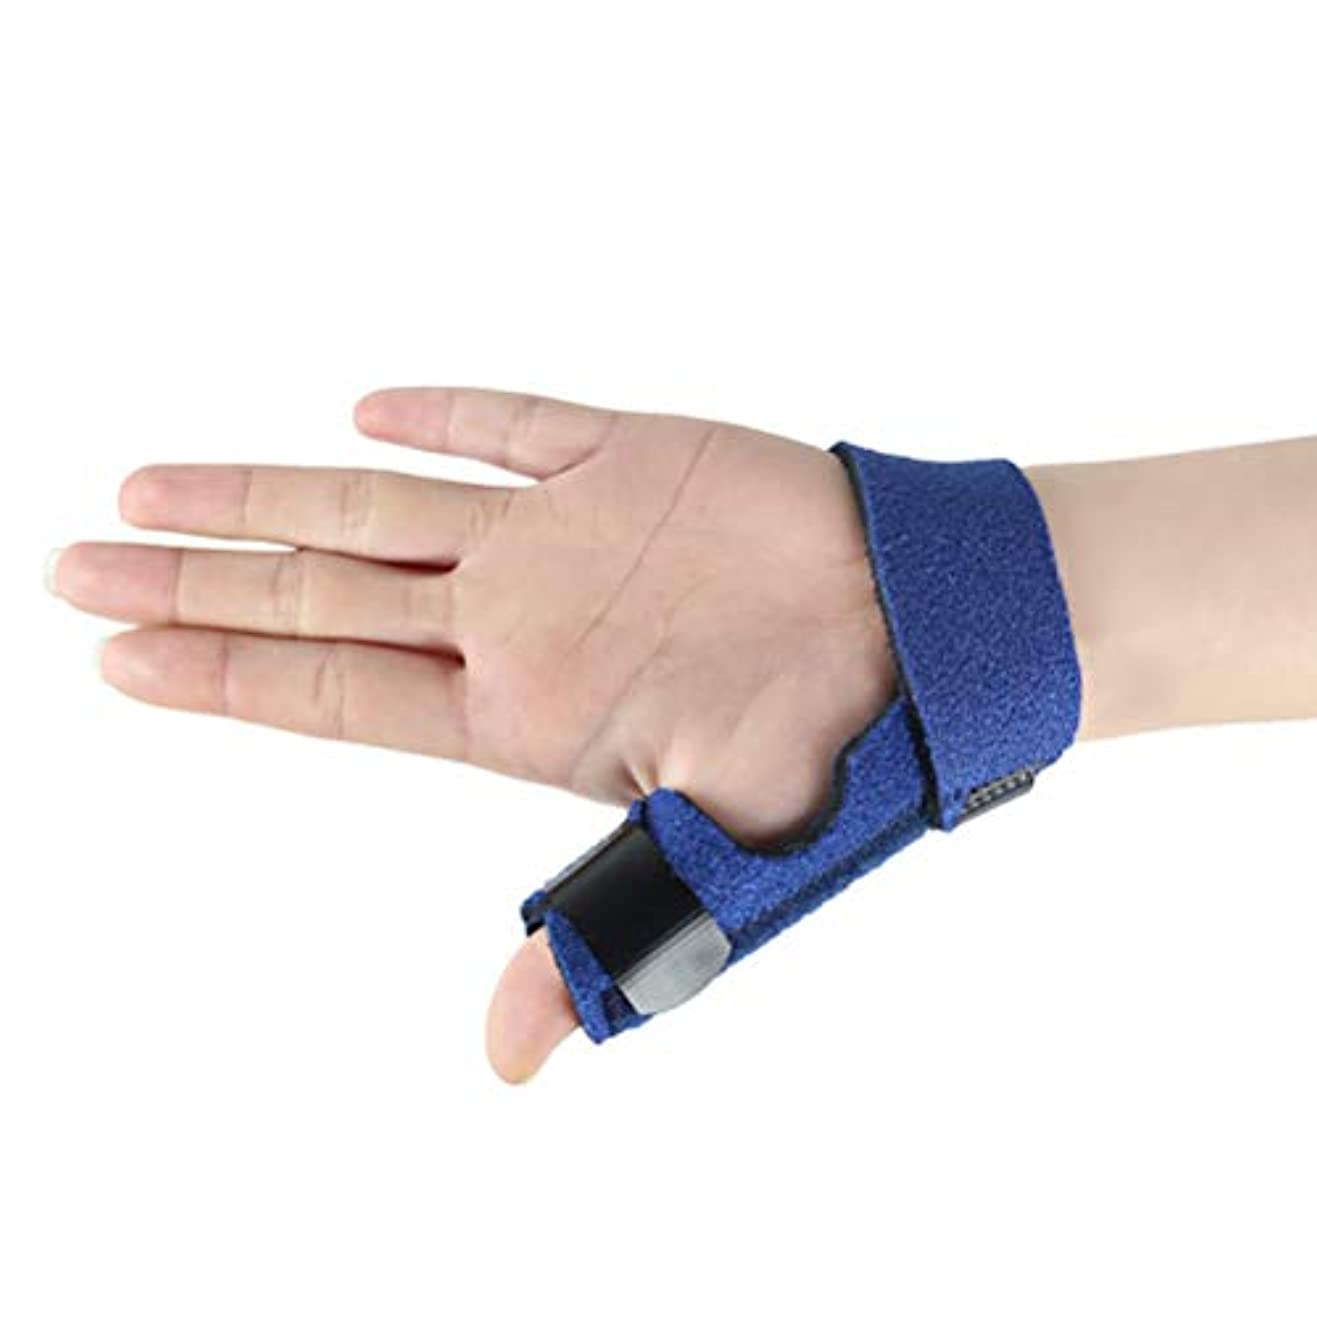 醸造所履歴書漏斗Heallily指修正サポートブレース骨折指固定ベルト指矯正プロテクタースプリント(右手)